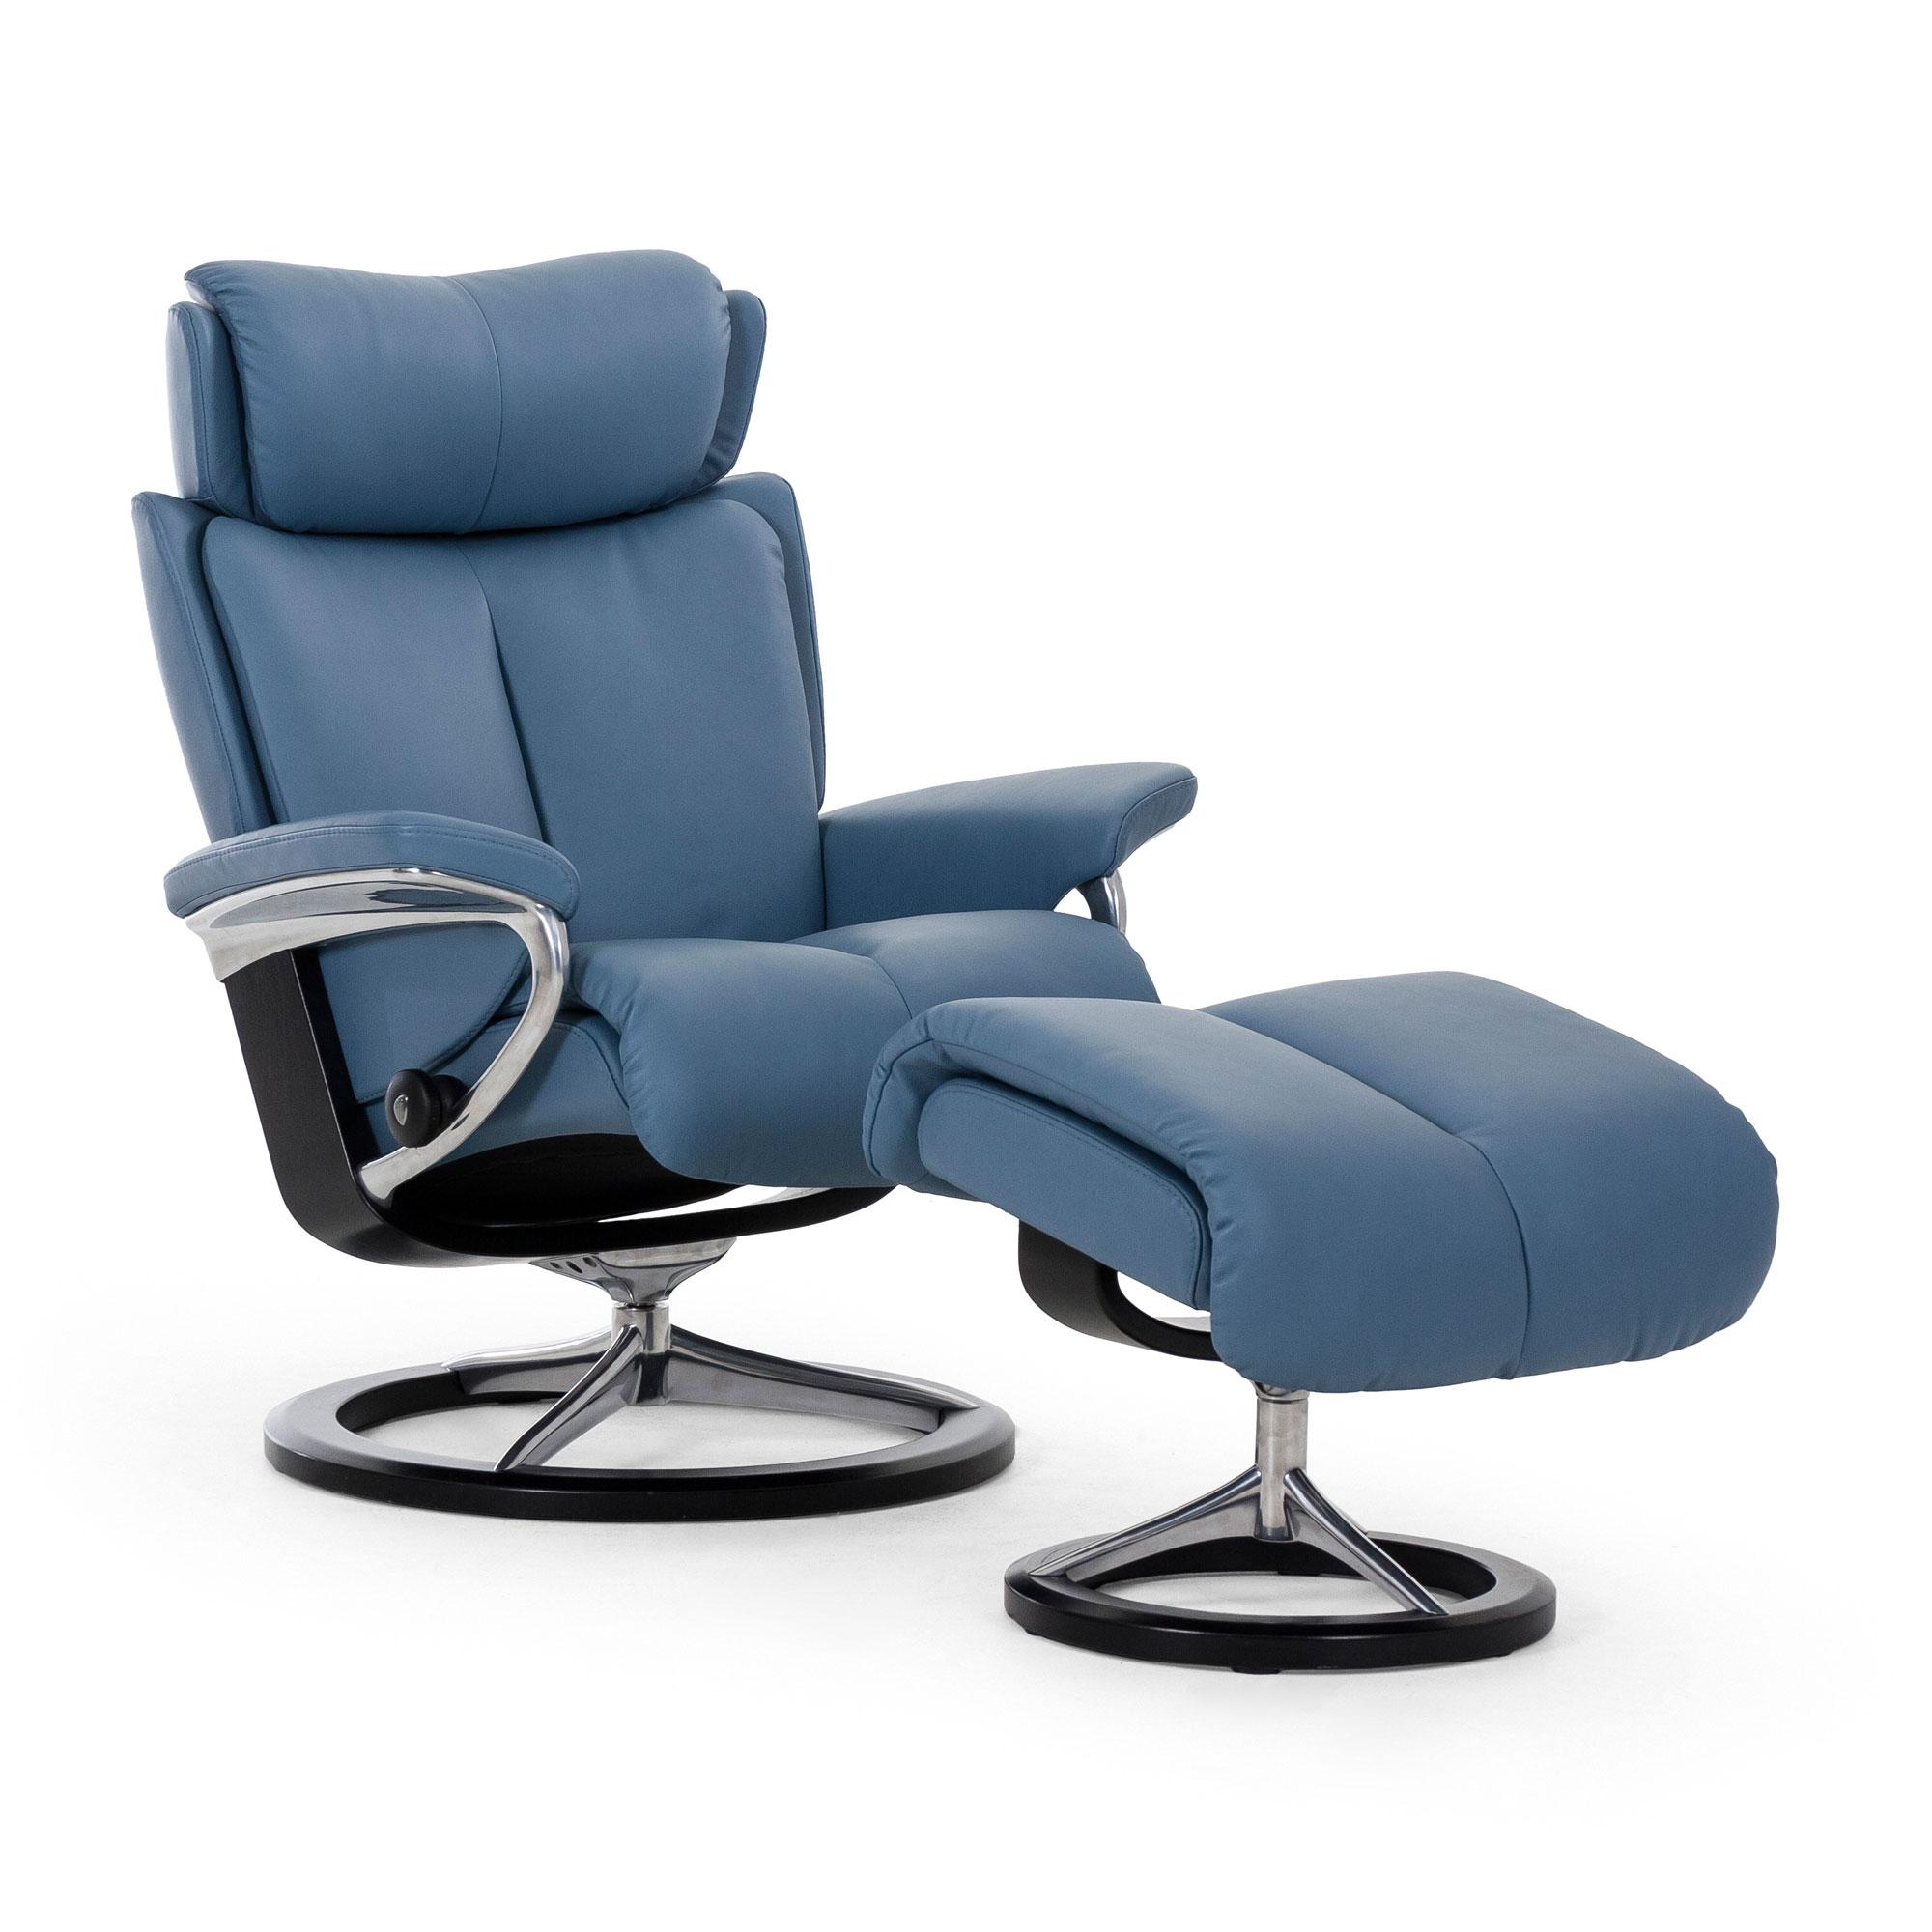 stressless sessel fabulous ausgereifte funktionen sitzen und schlichtes design sind die der. Black Bedroom Furniture Sets. Home Design Ideas